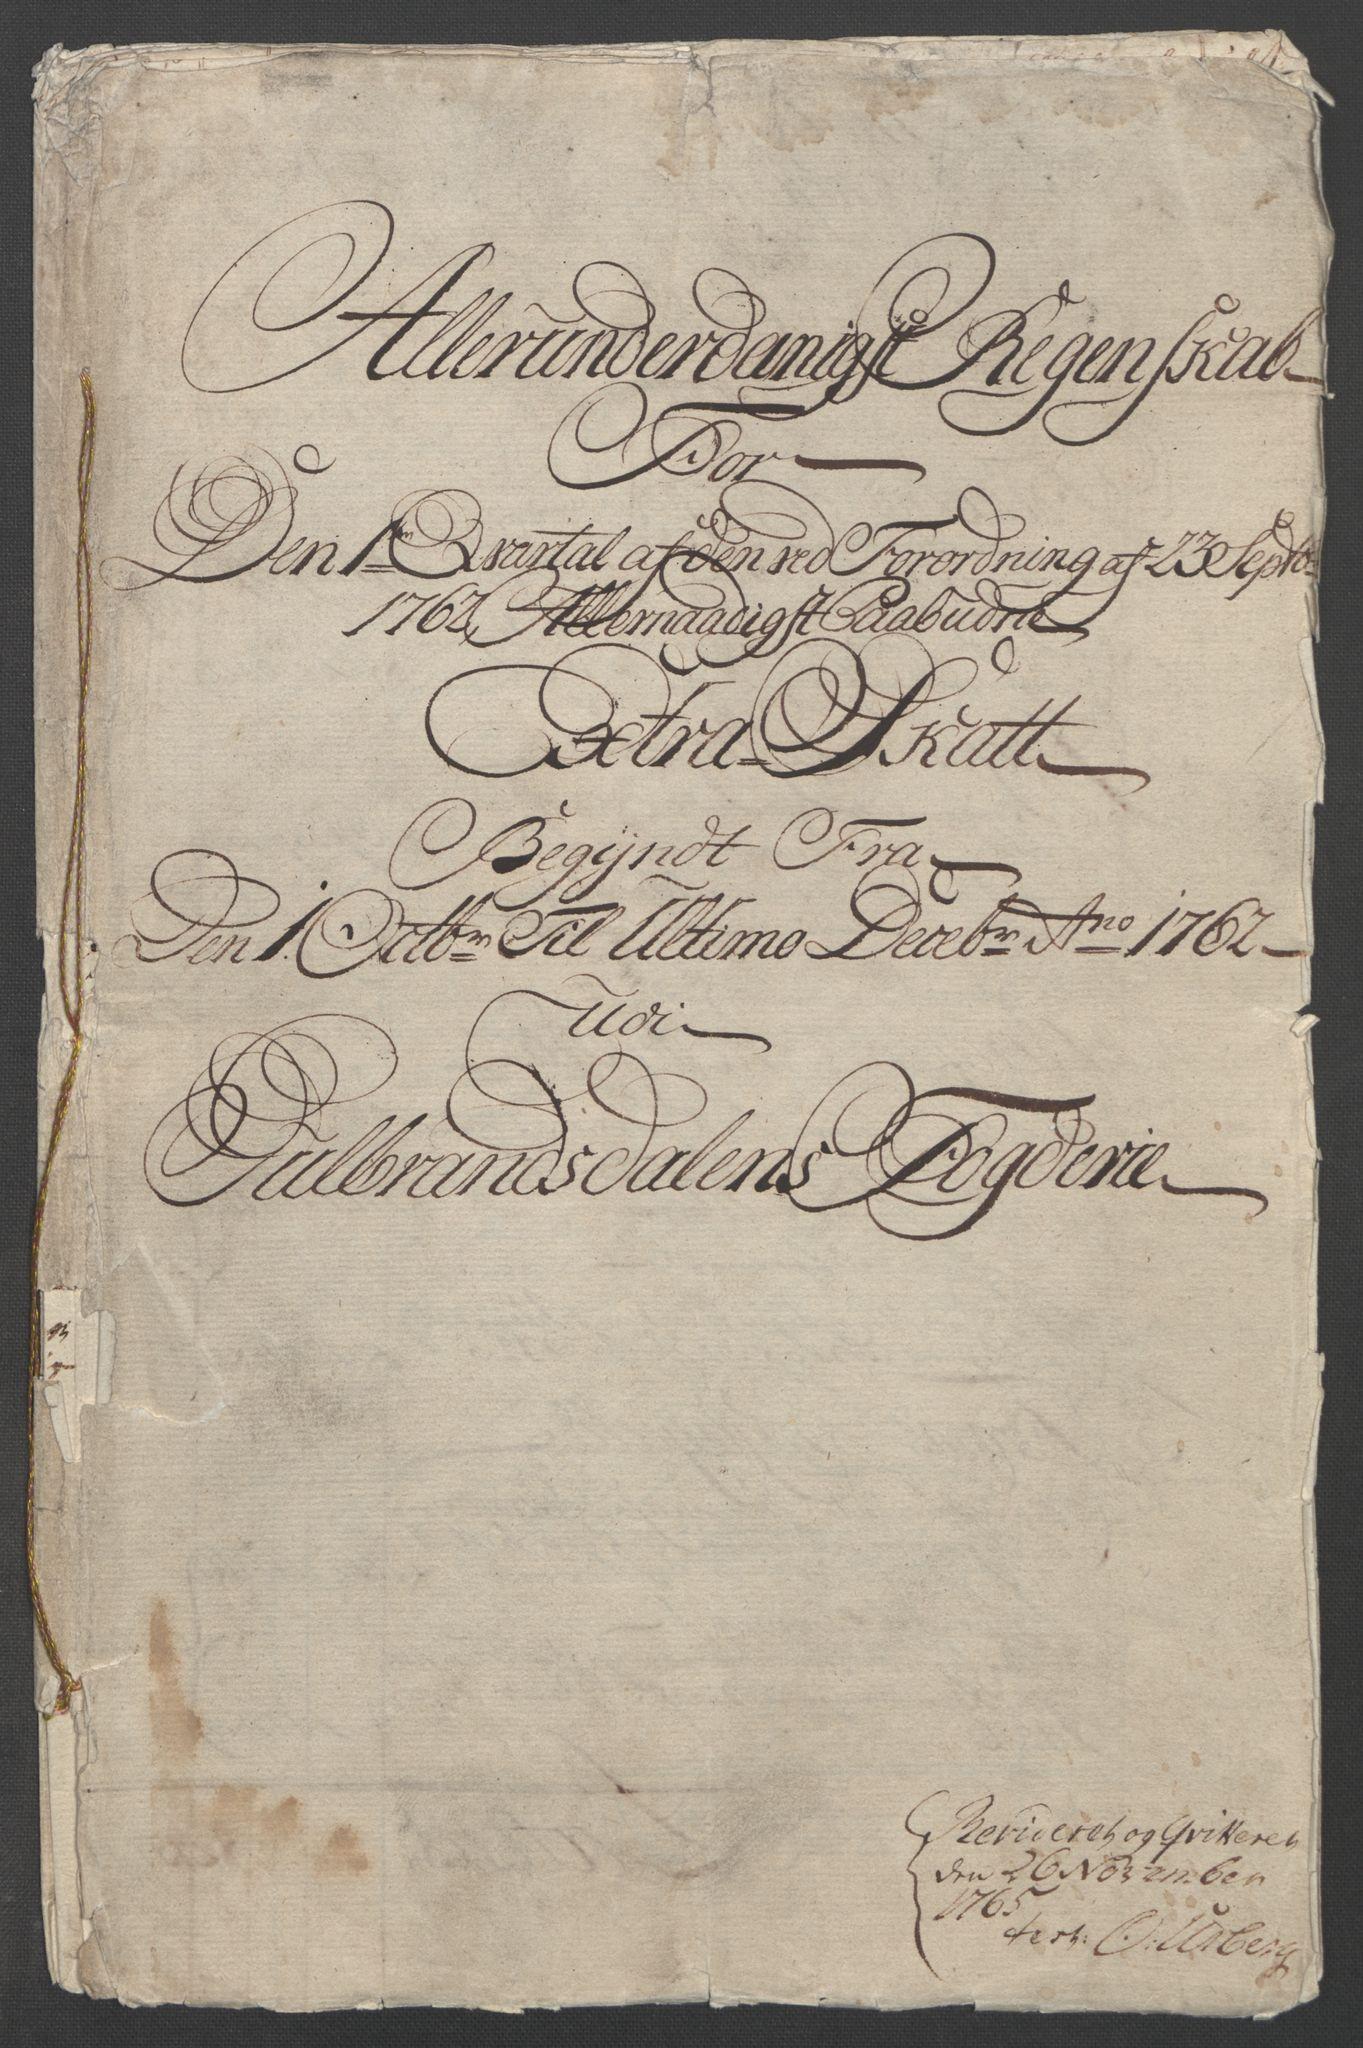 RA, Rentekammeret inntil 1814, Reviderte regnskaper, Fogderegnskap, R17/L1266: Ekstraskatten Gudbrandsdal, 1762-1766, s. 5